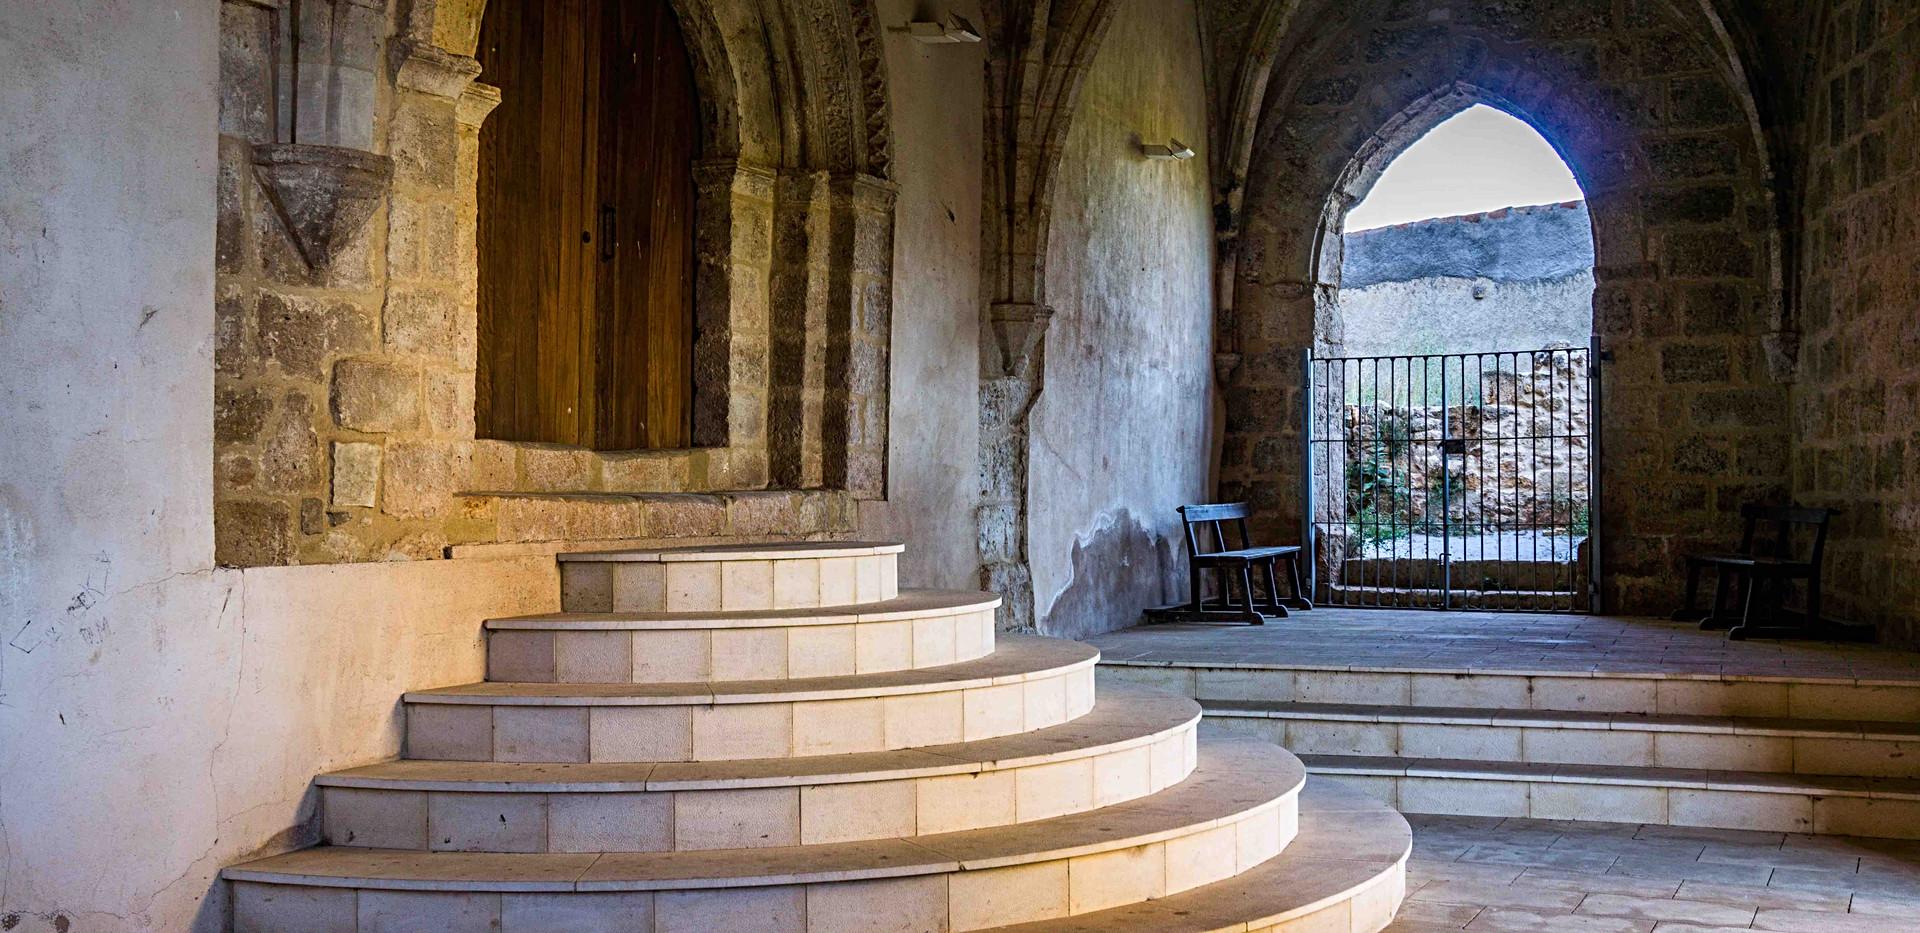 Iglesia Siglo XI / 11Th Church